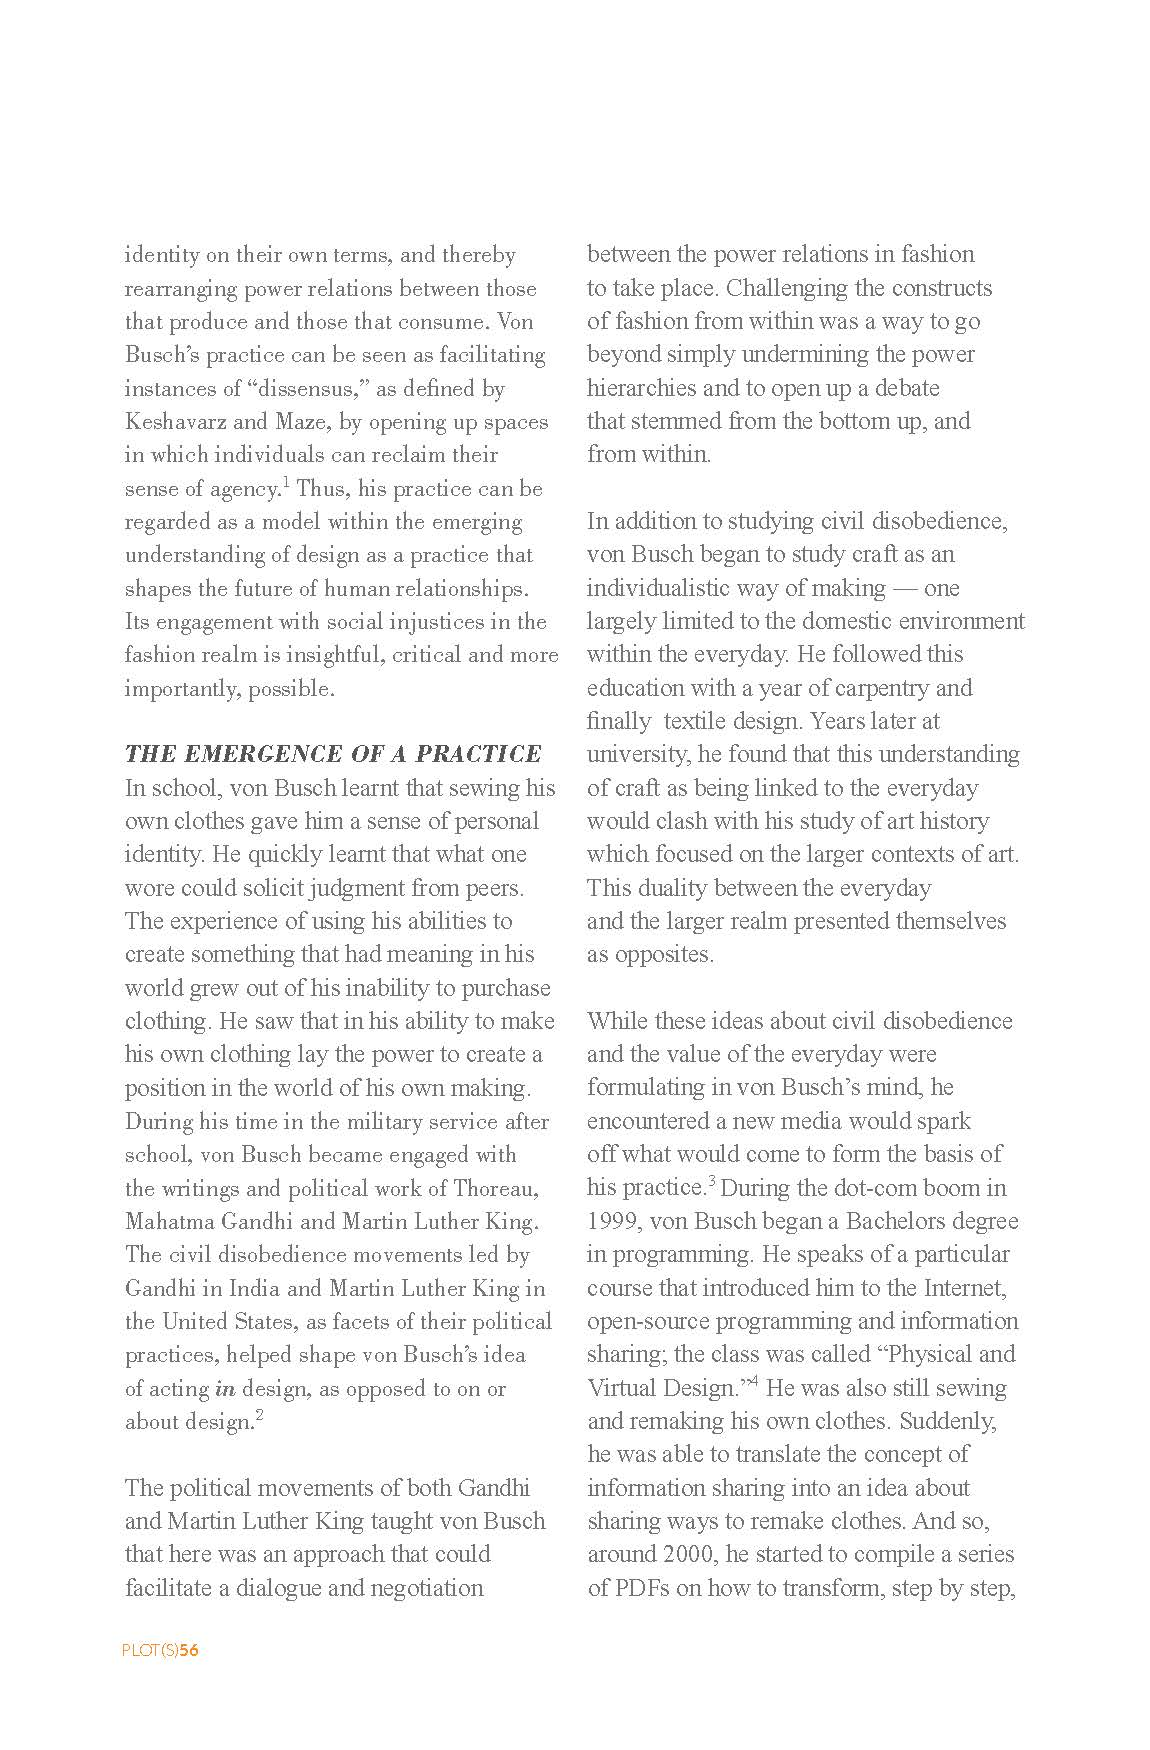 Otto Von Busch- REMAKING ROADS TO AGENCY_Page_2